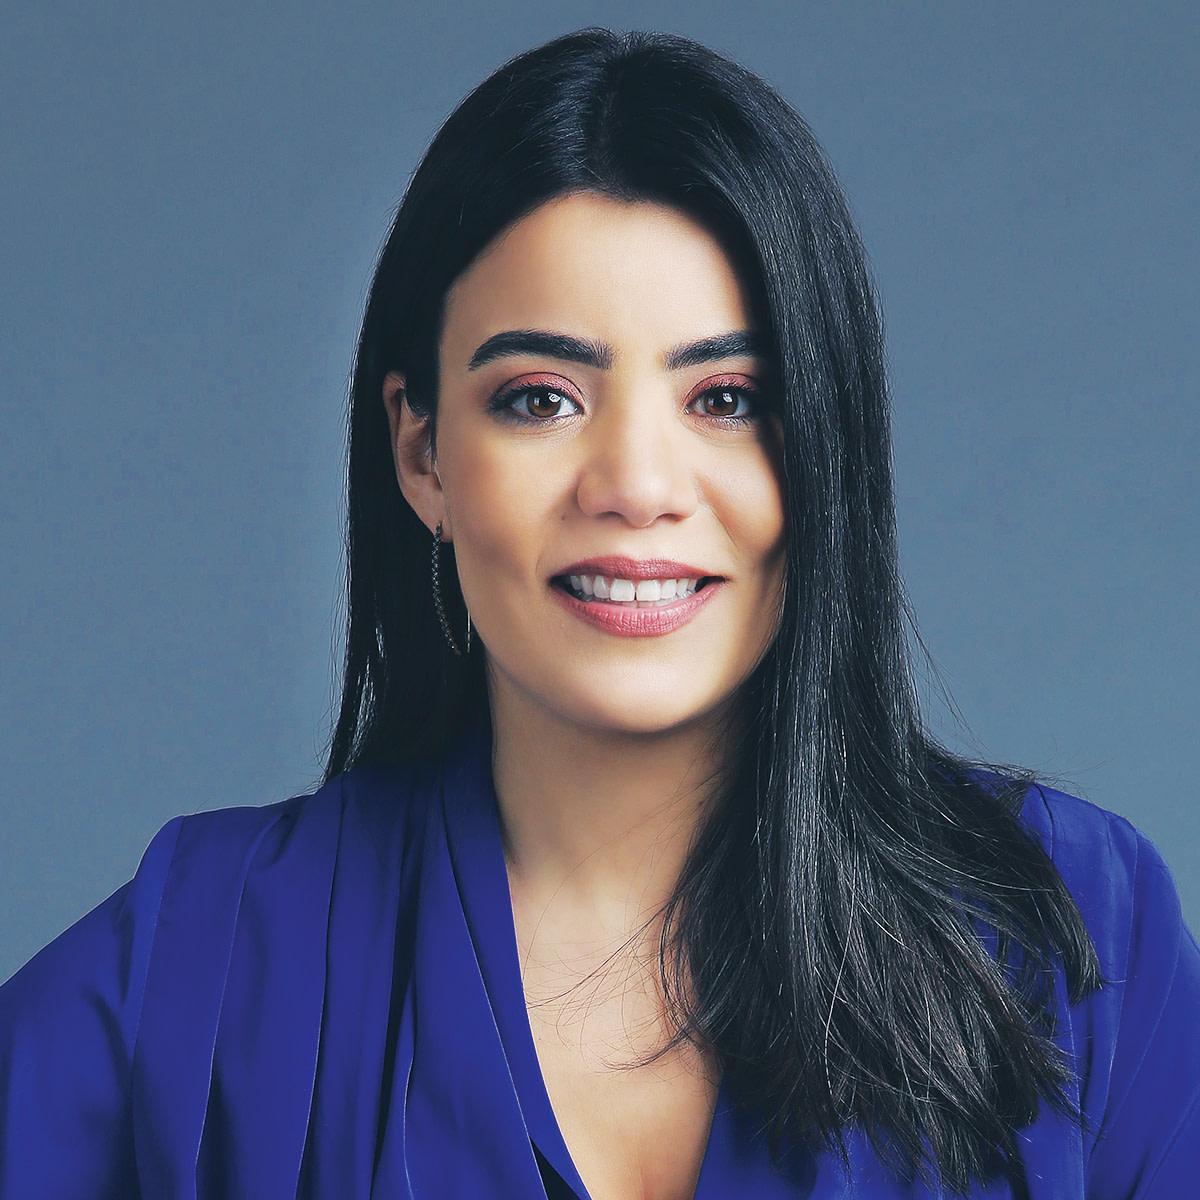 Marina Araigy updated